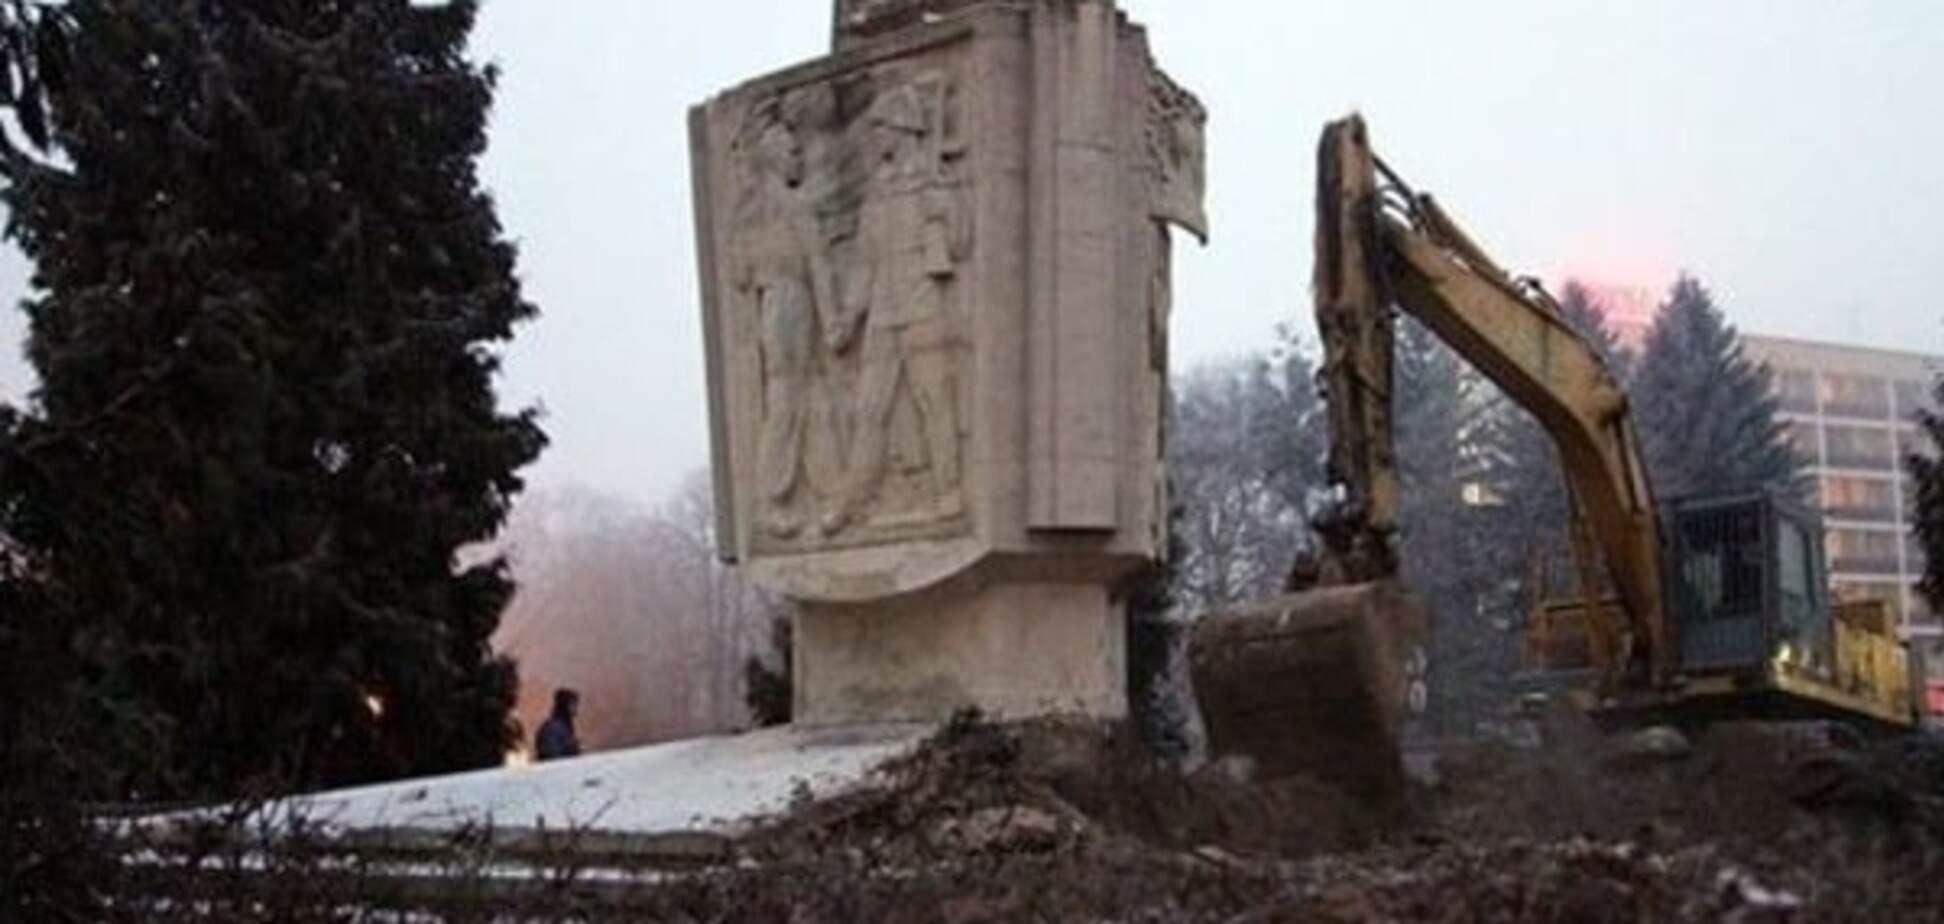 Заповідник комунізму: в Криму готові прийняти радянські пам'ятники з Польщі